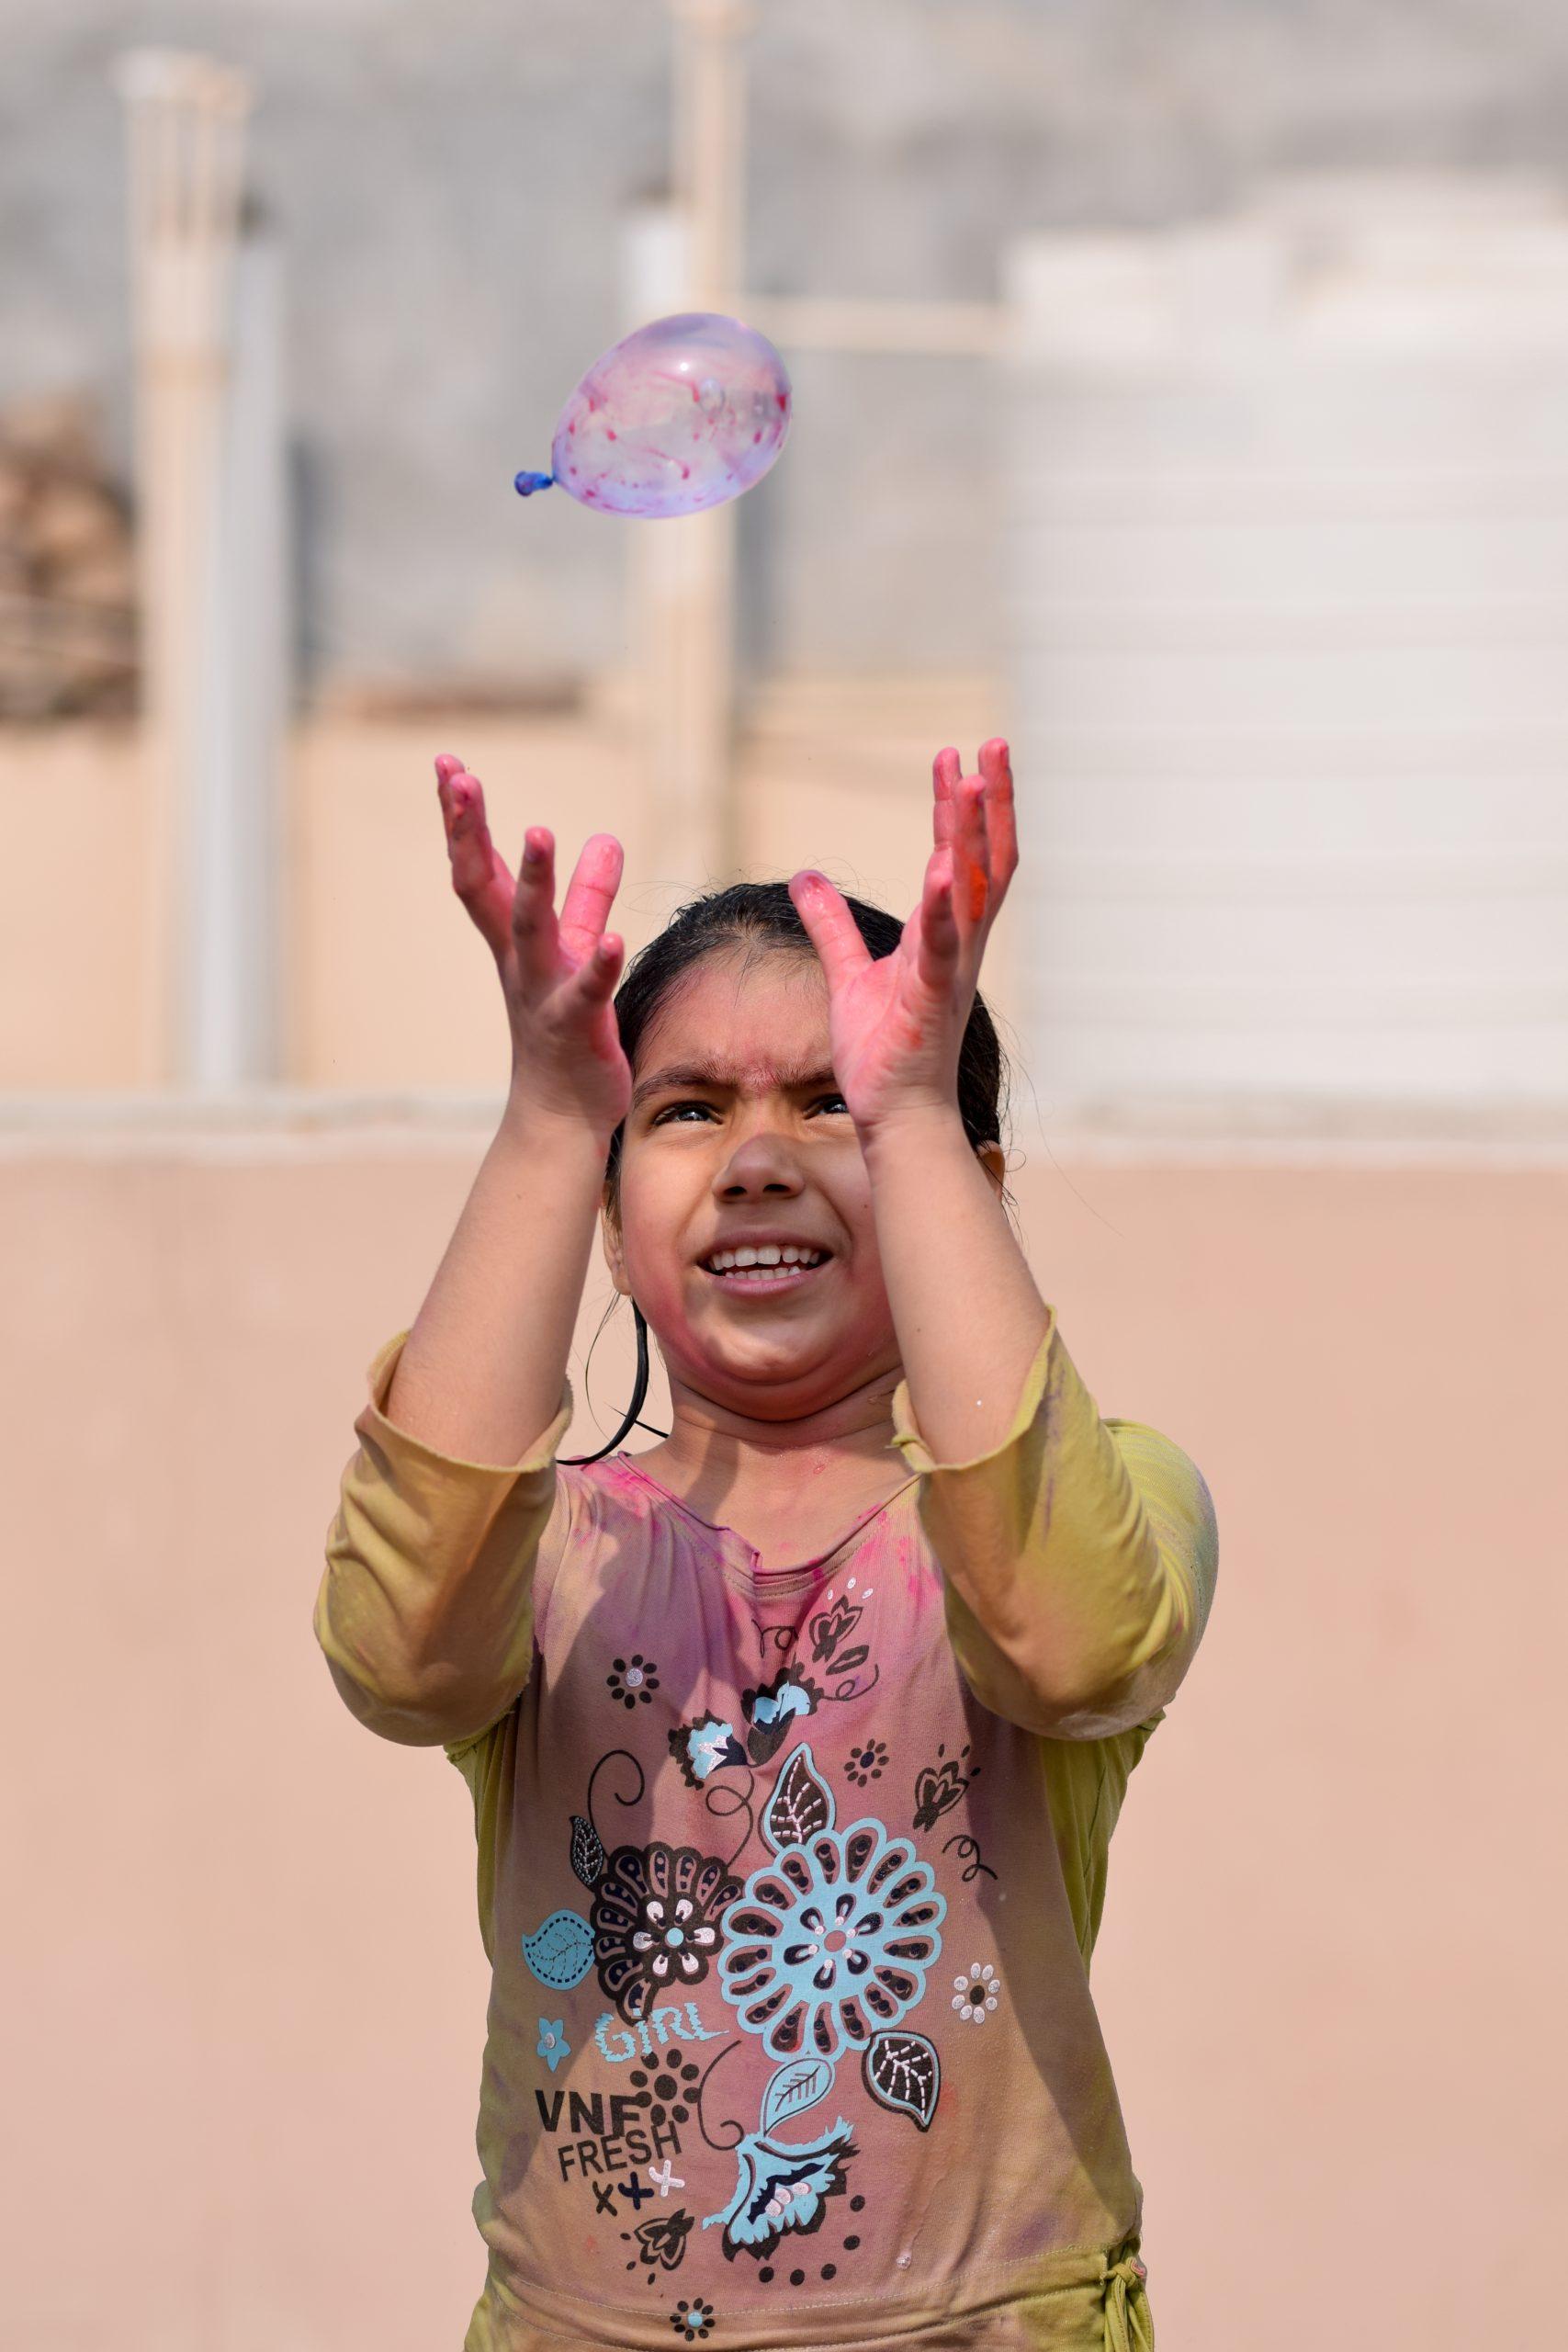 A little girl catching water balloon